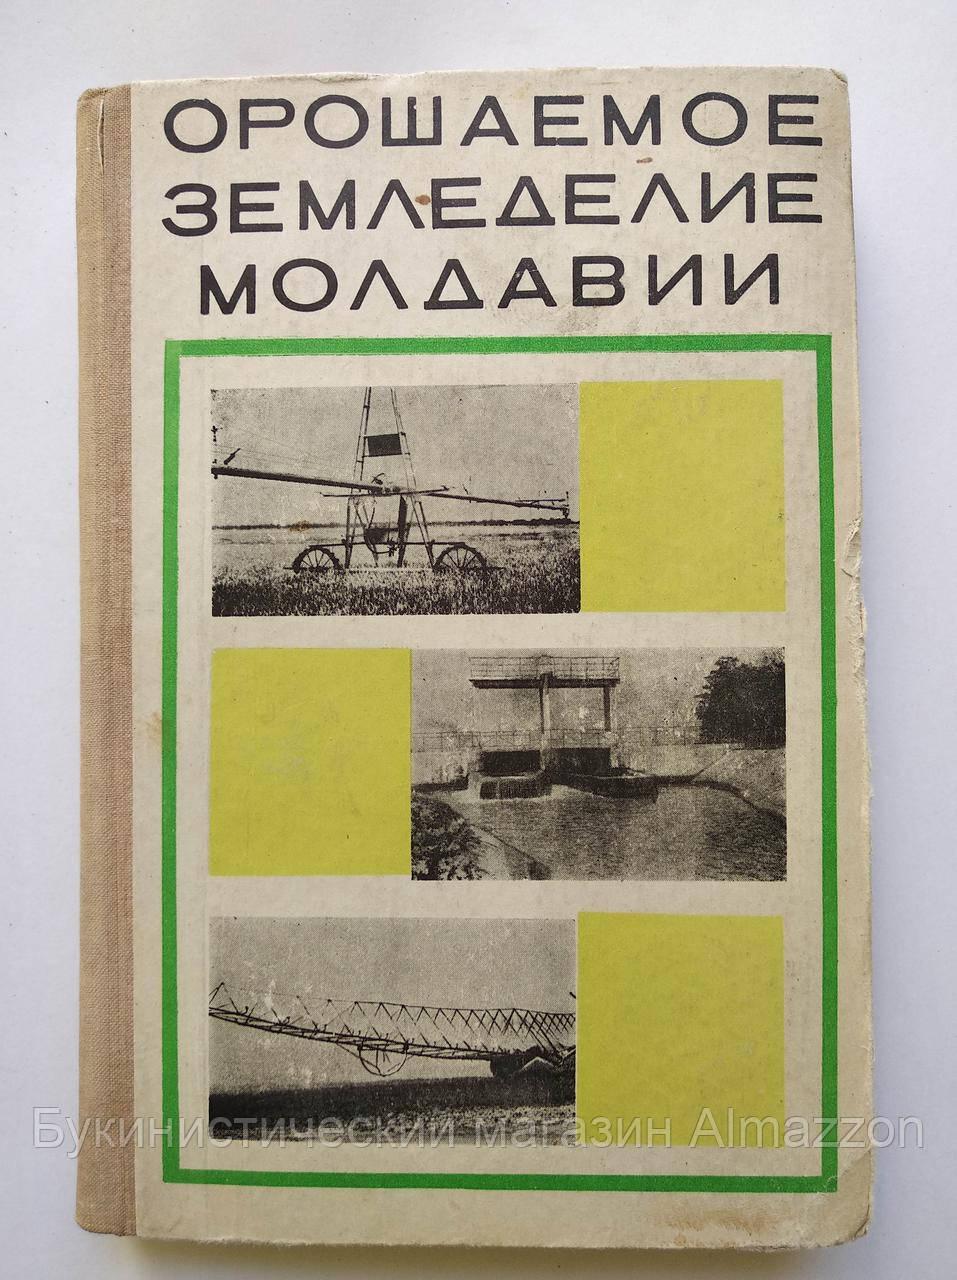 Орошаемое земледелие Молдавии